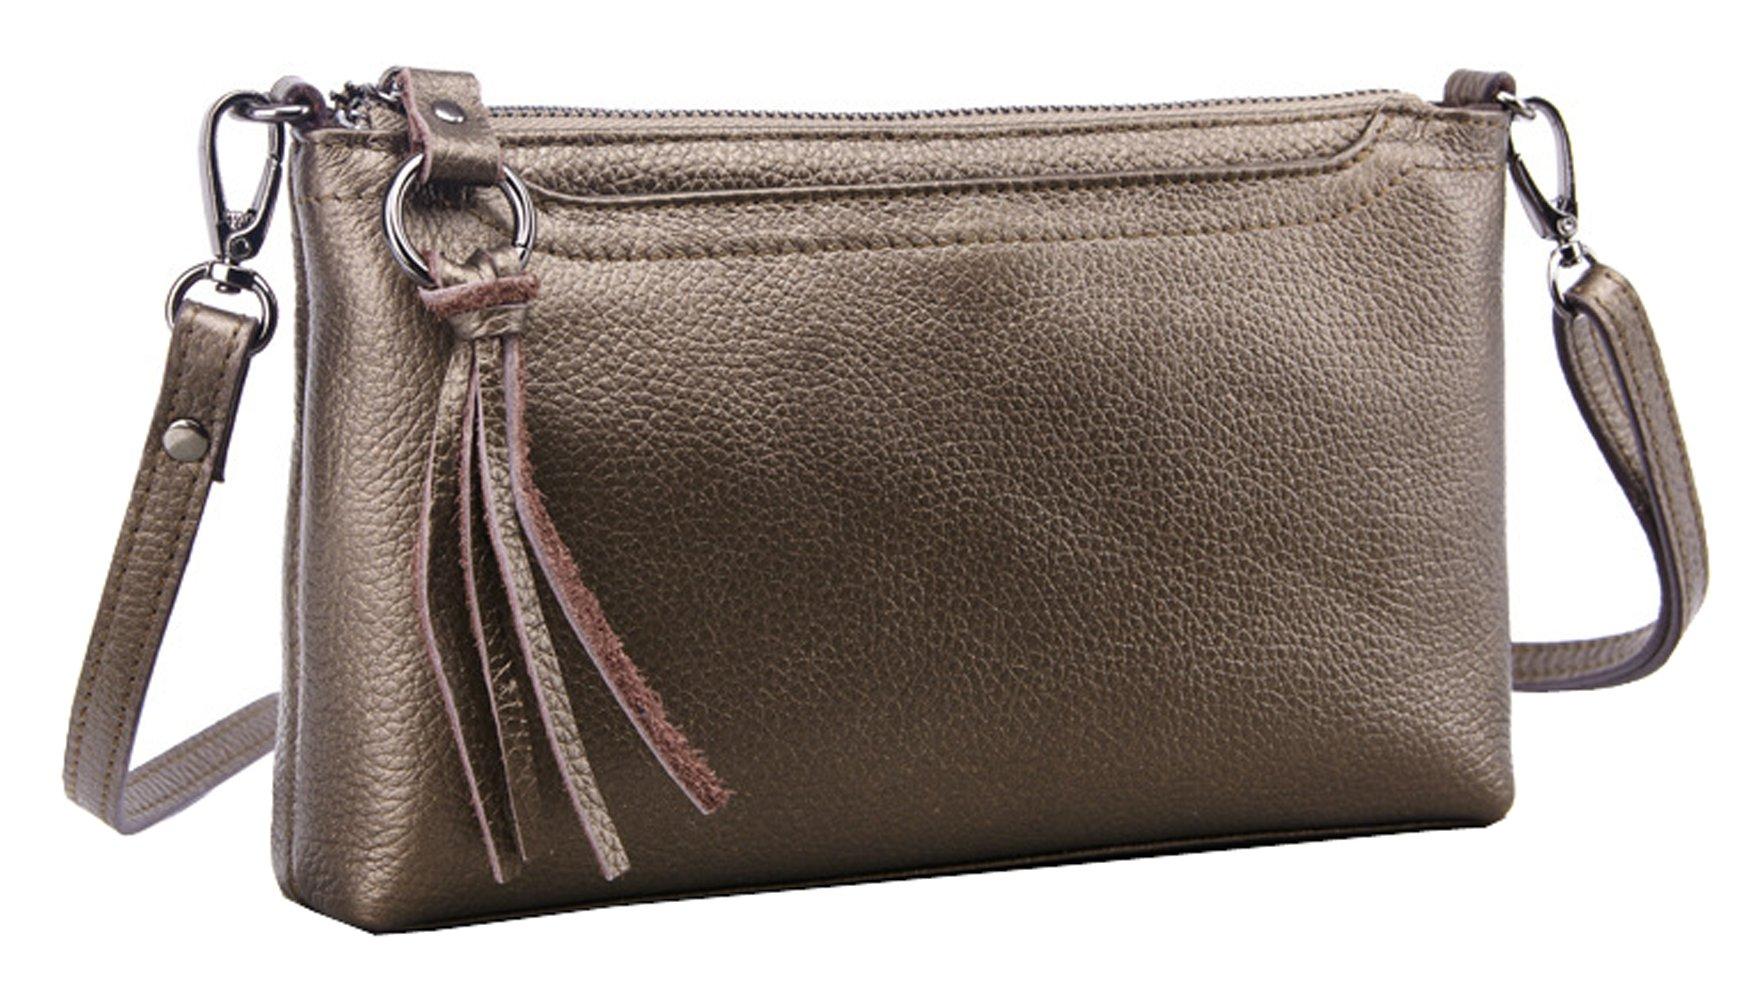 SAIERLONG Women's Retro Ancient Bronze Genuine Leather Small Clutch Shoulder Bag Diagonal Package